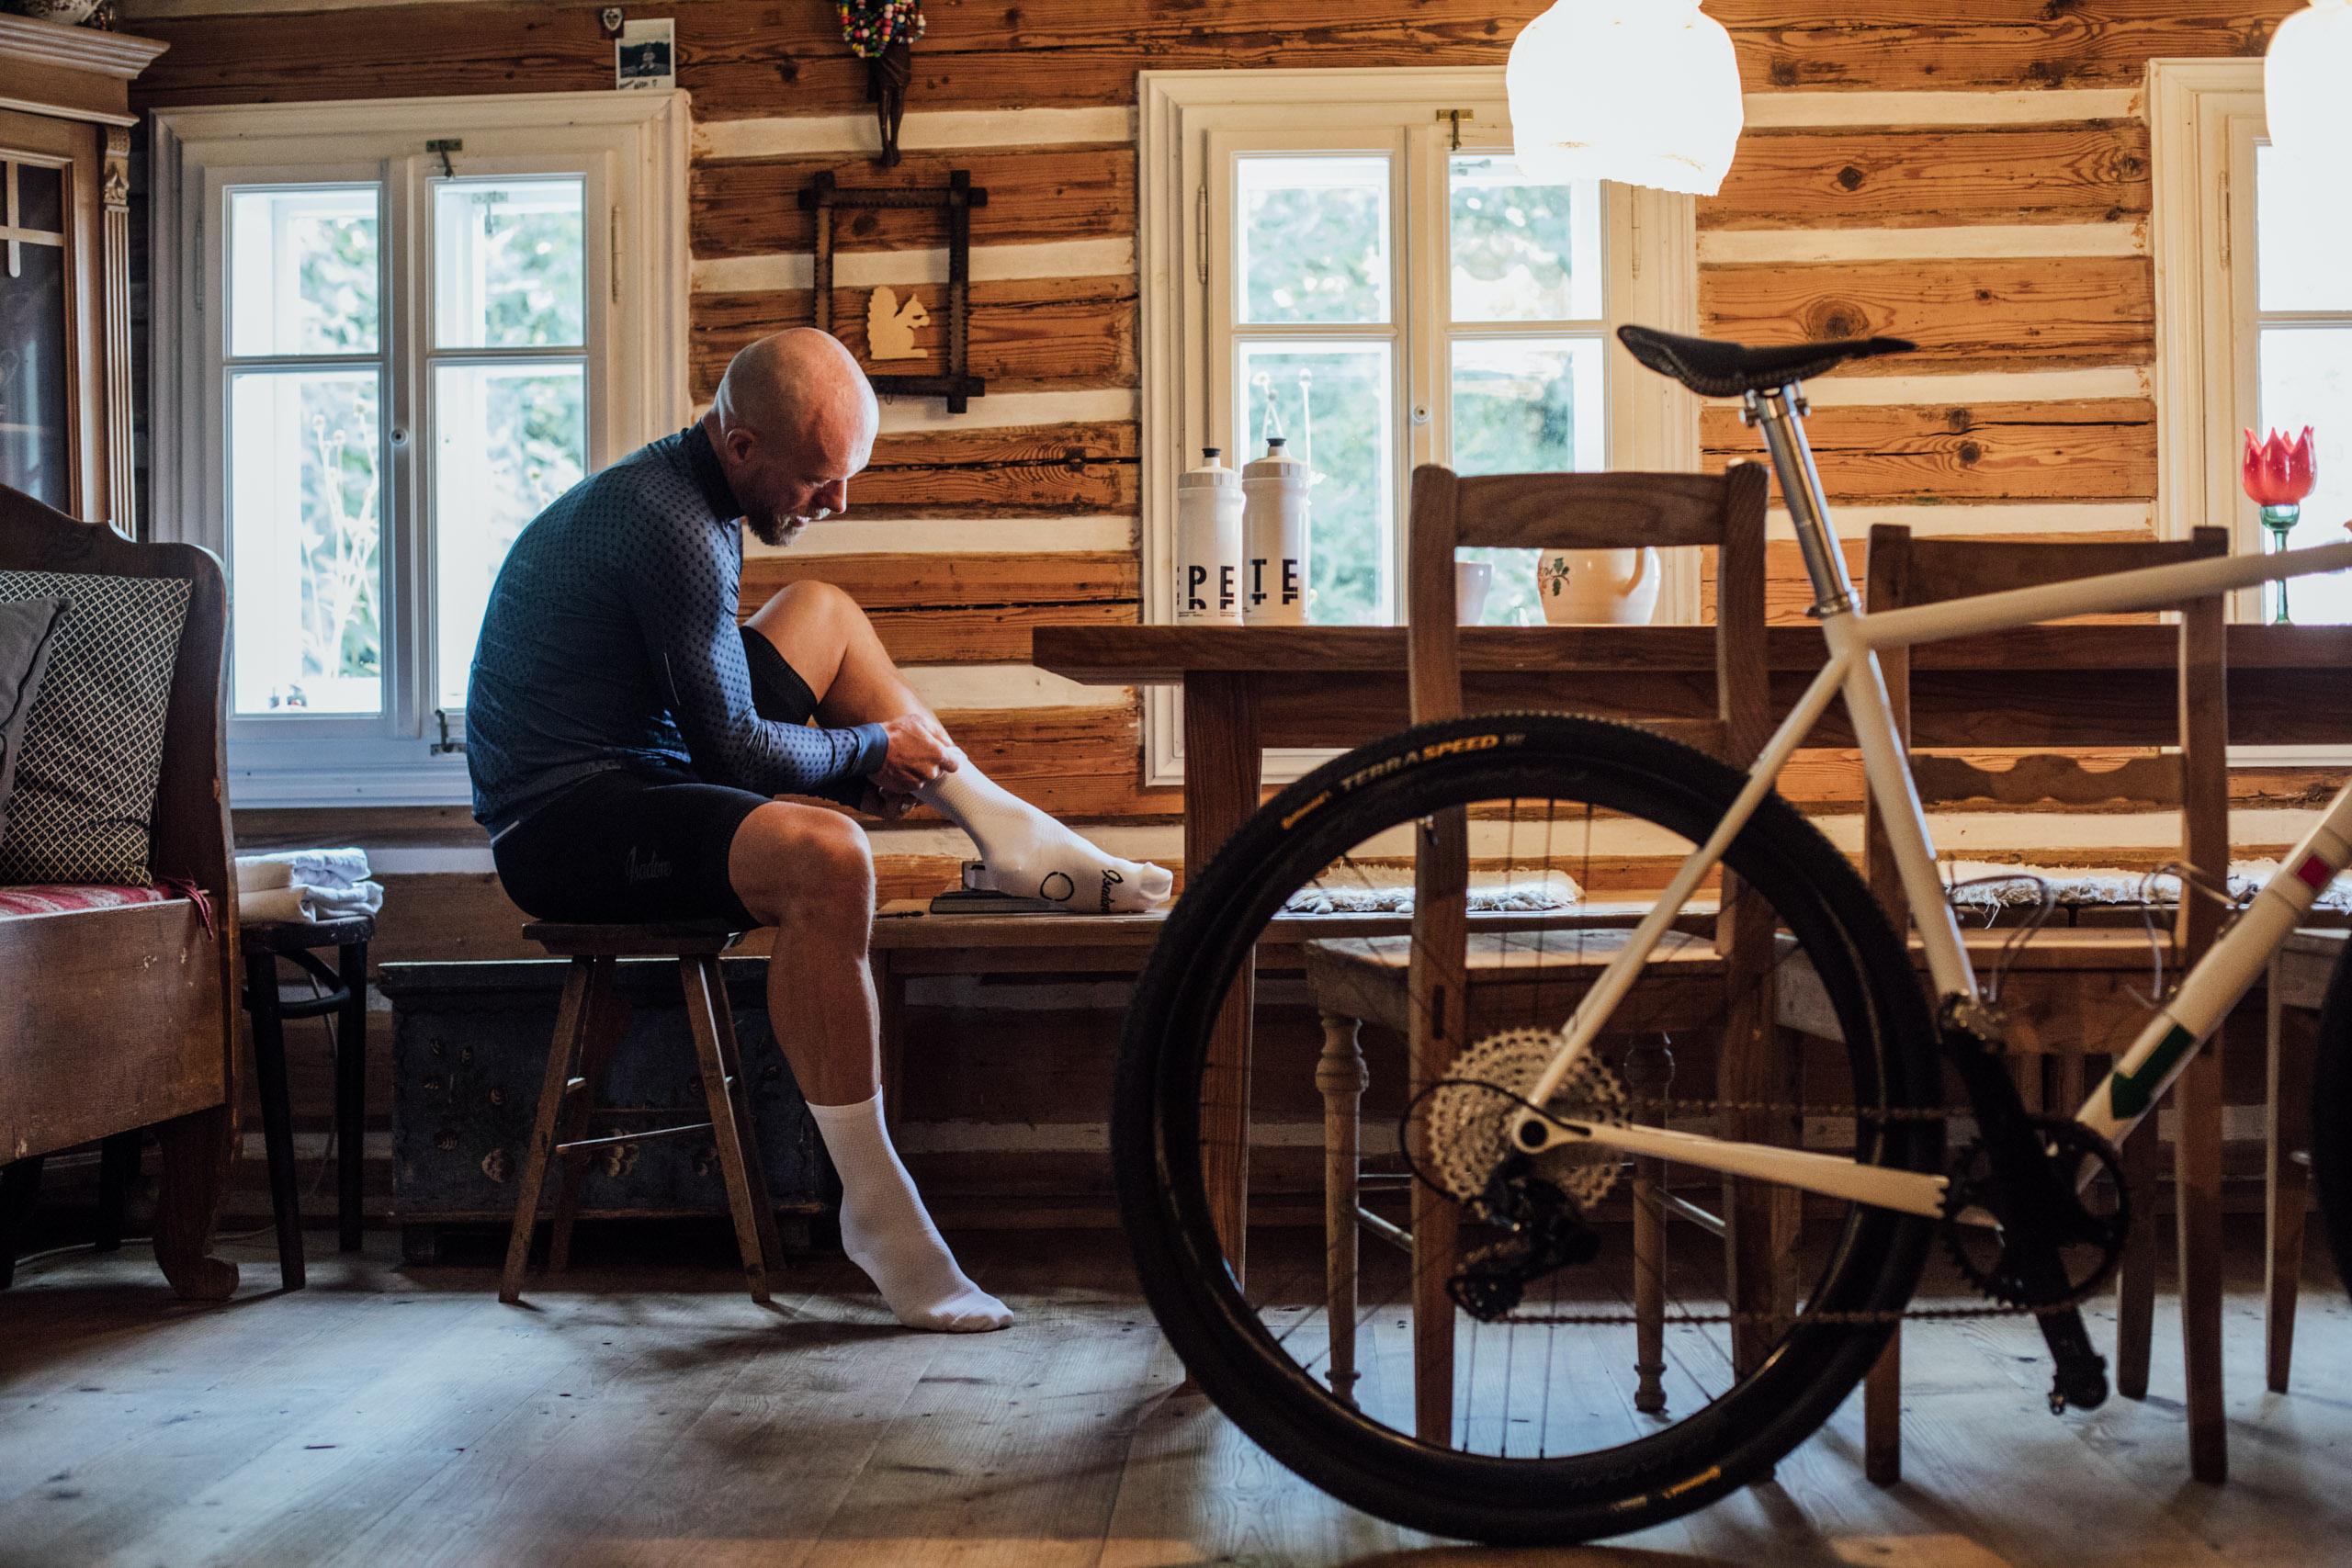 repete_bidon_cycling_gravel_bike3